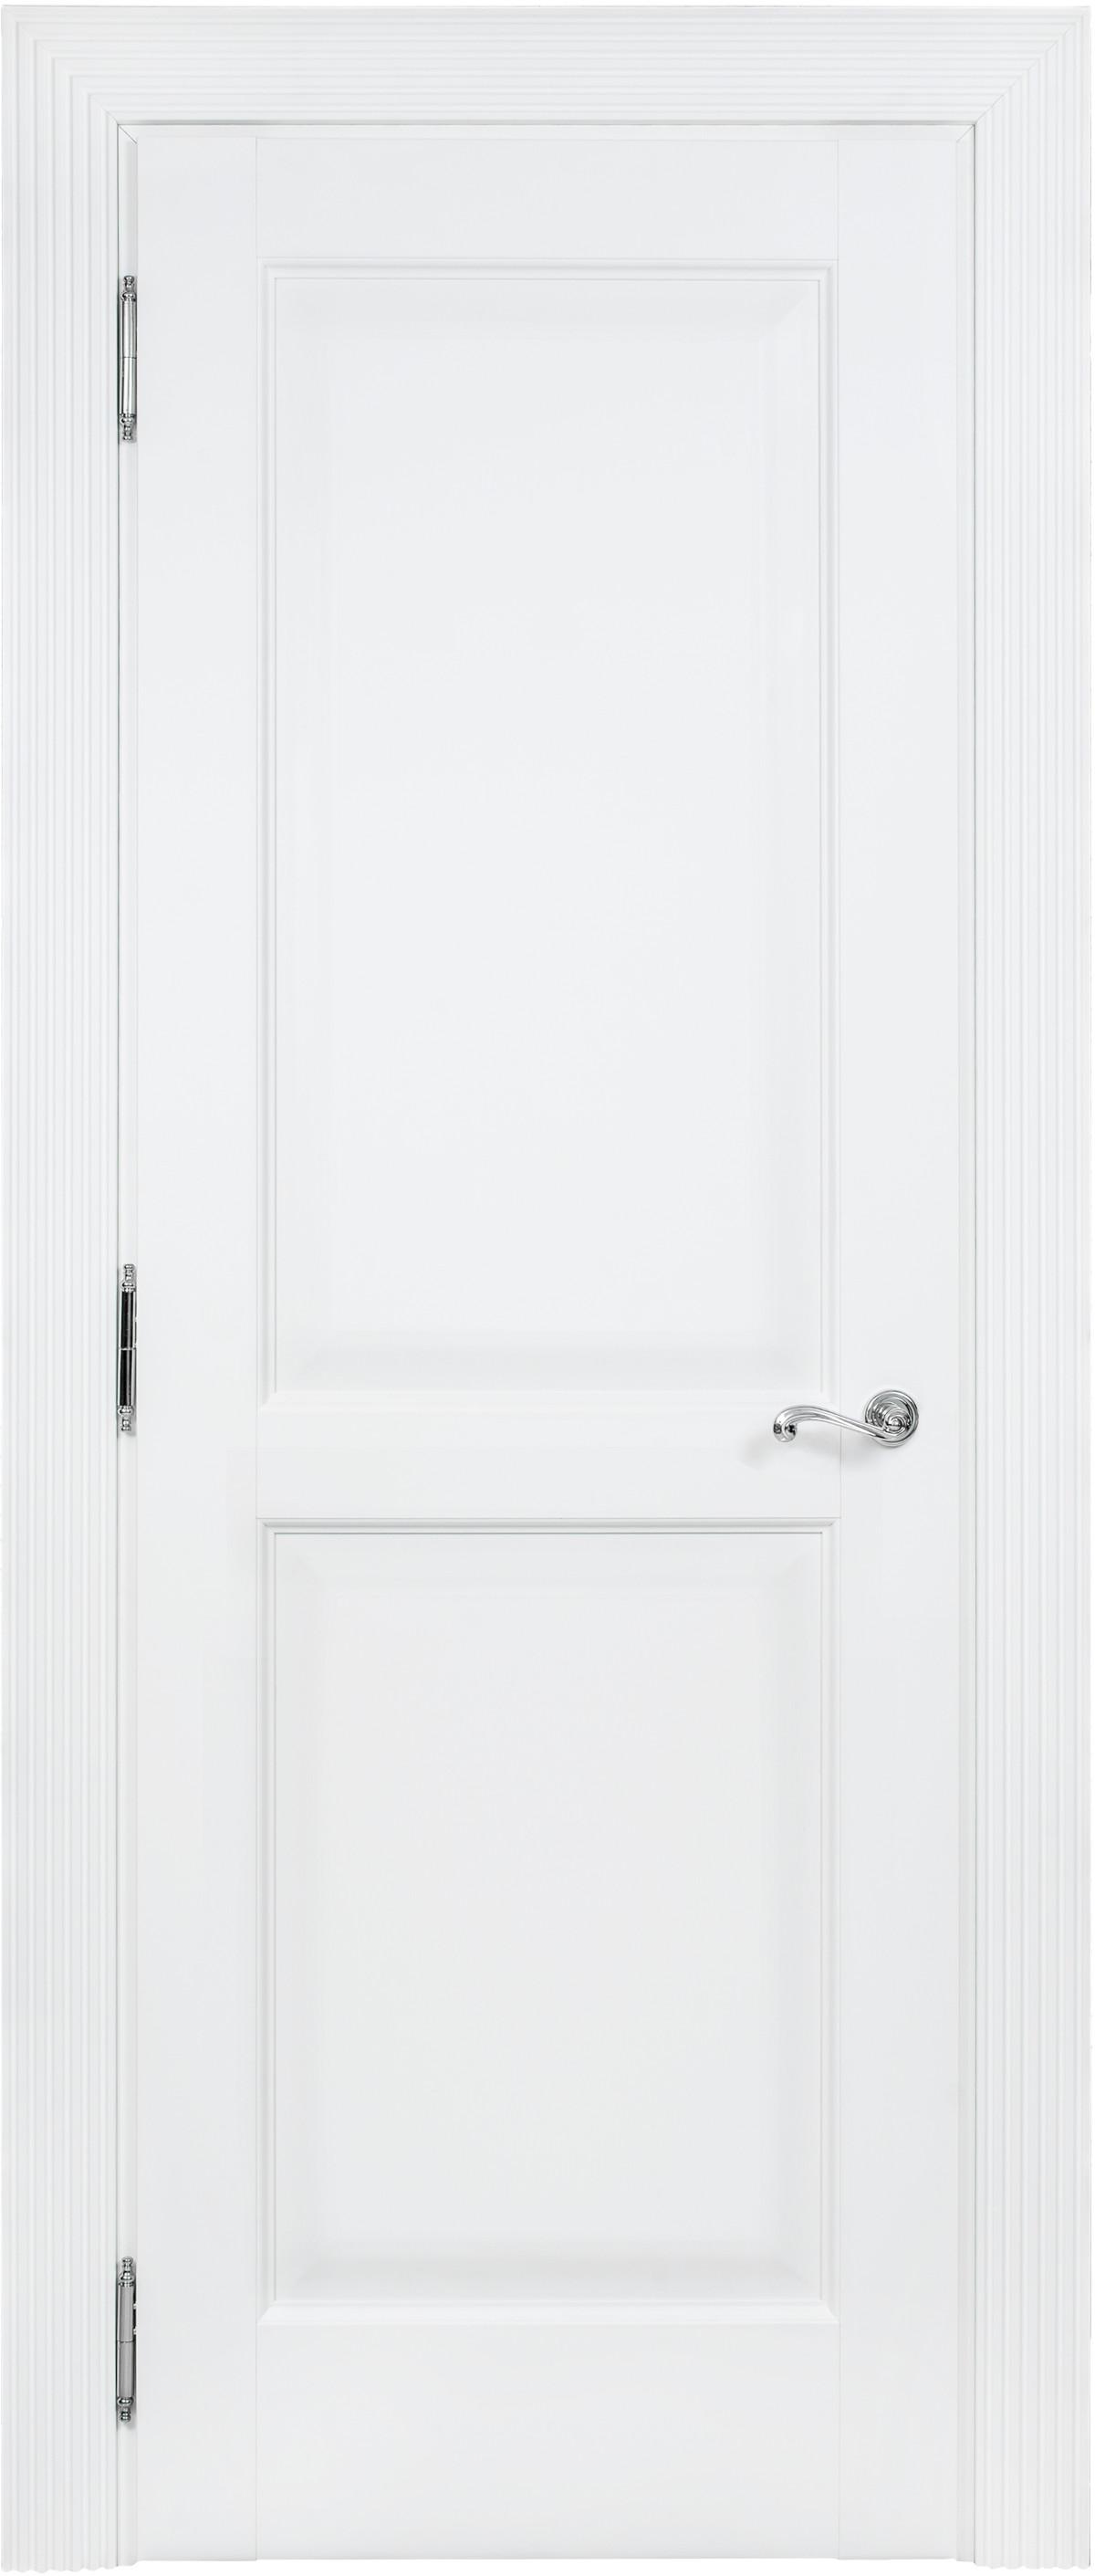 Белая межкомнатная классическая дверь Academia 2F-2